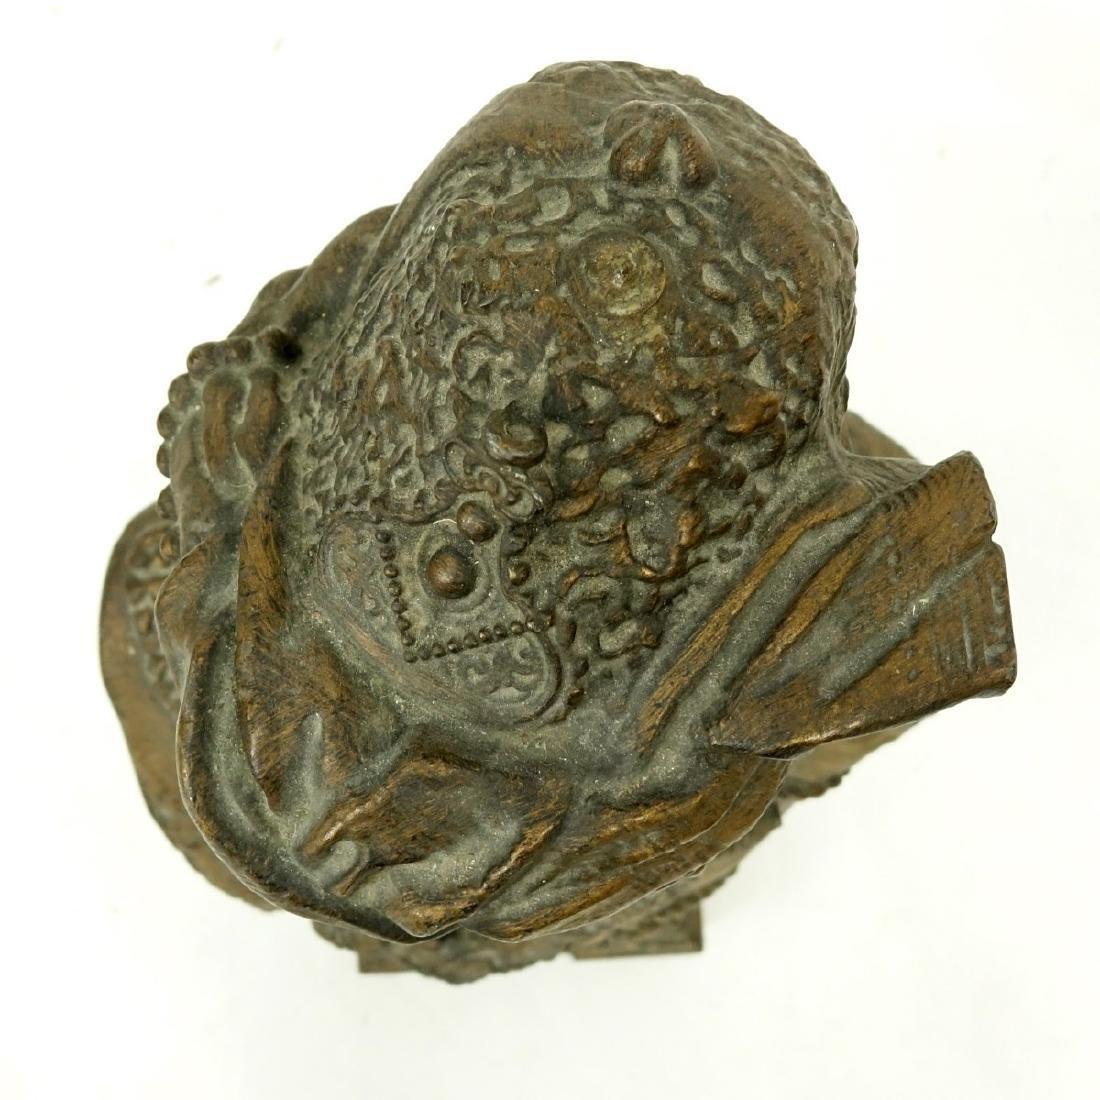 Antique Orientalist French Spelter Sculpture - 2